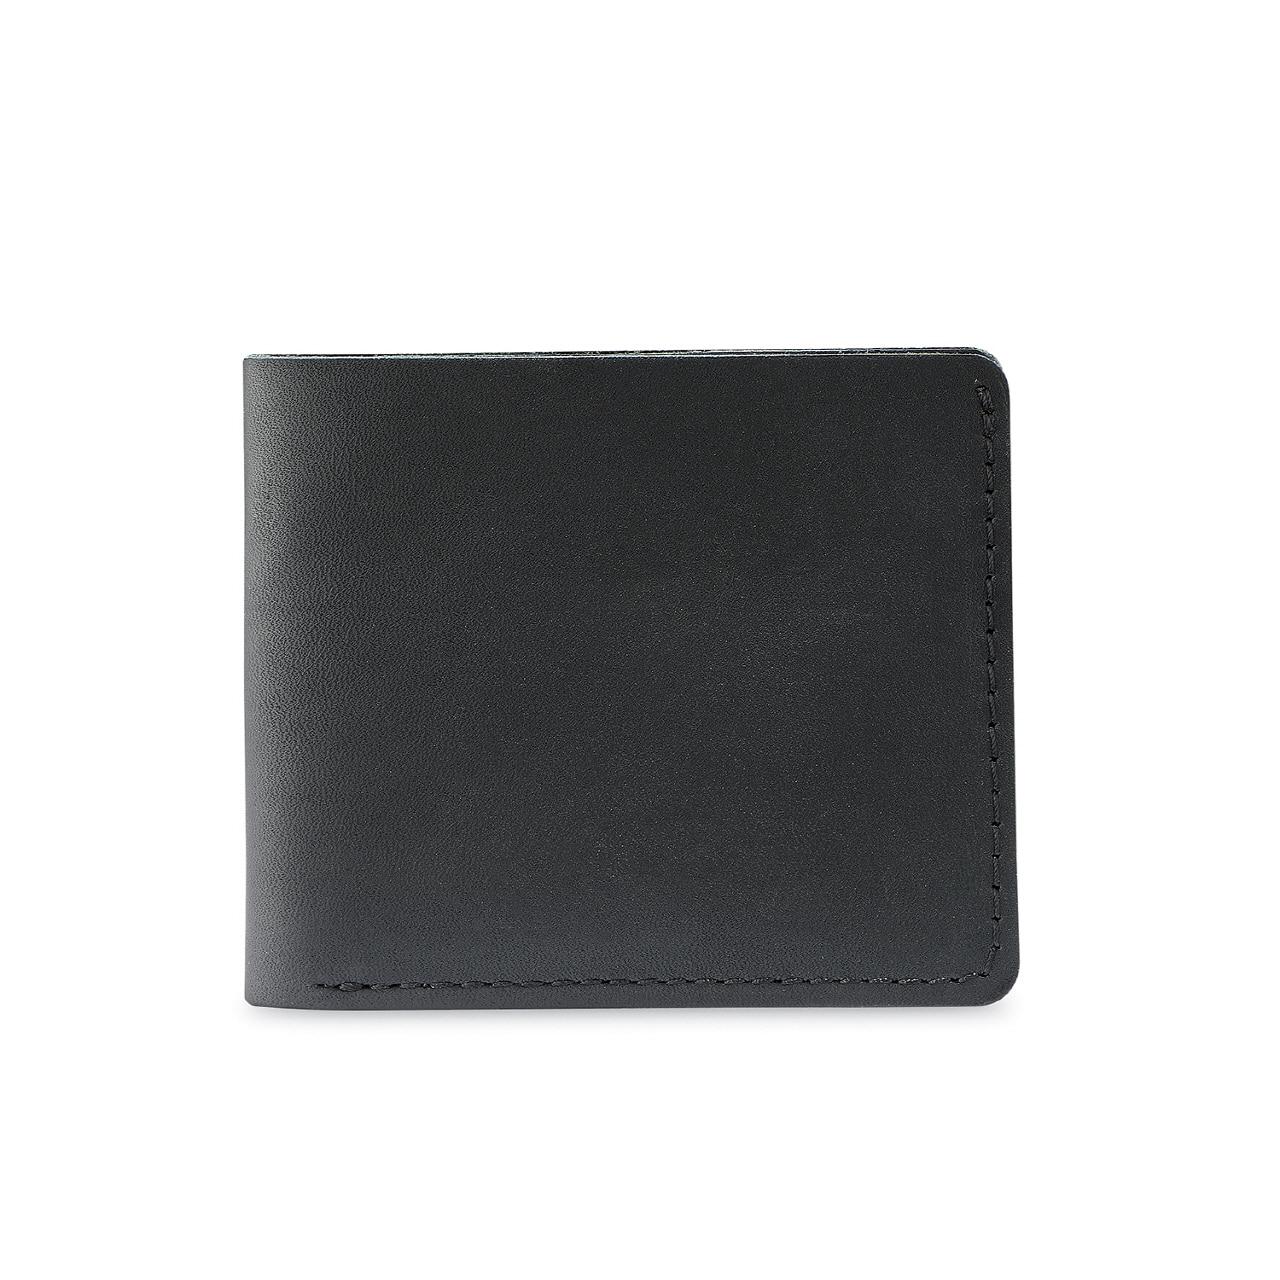 클래식 바이폴드 지갑 95018 - 블랙 프론티어